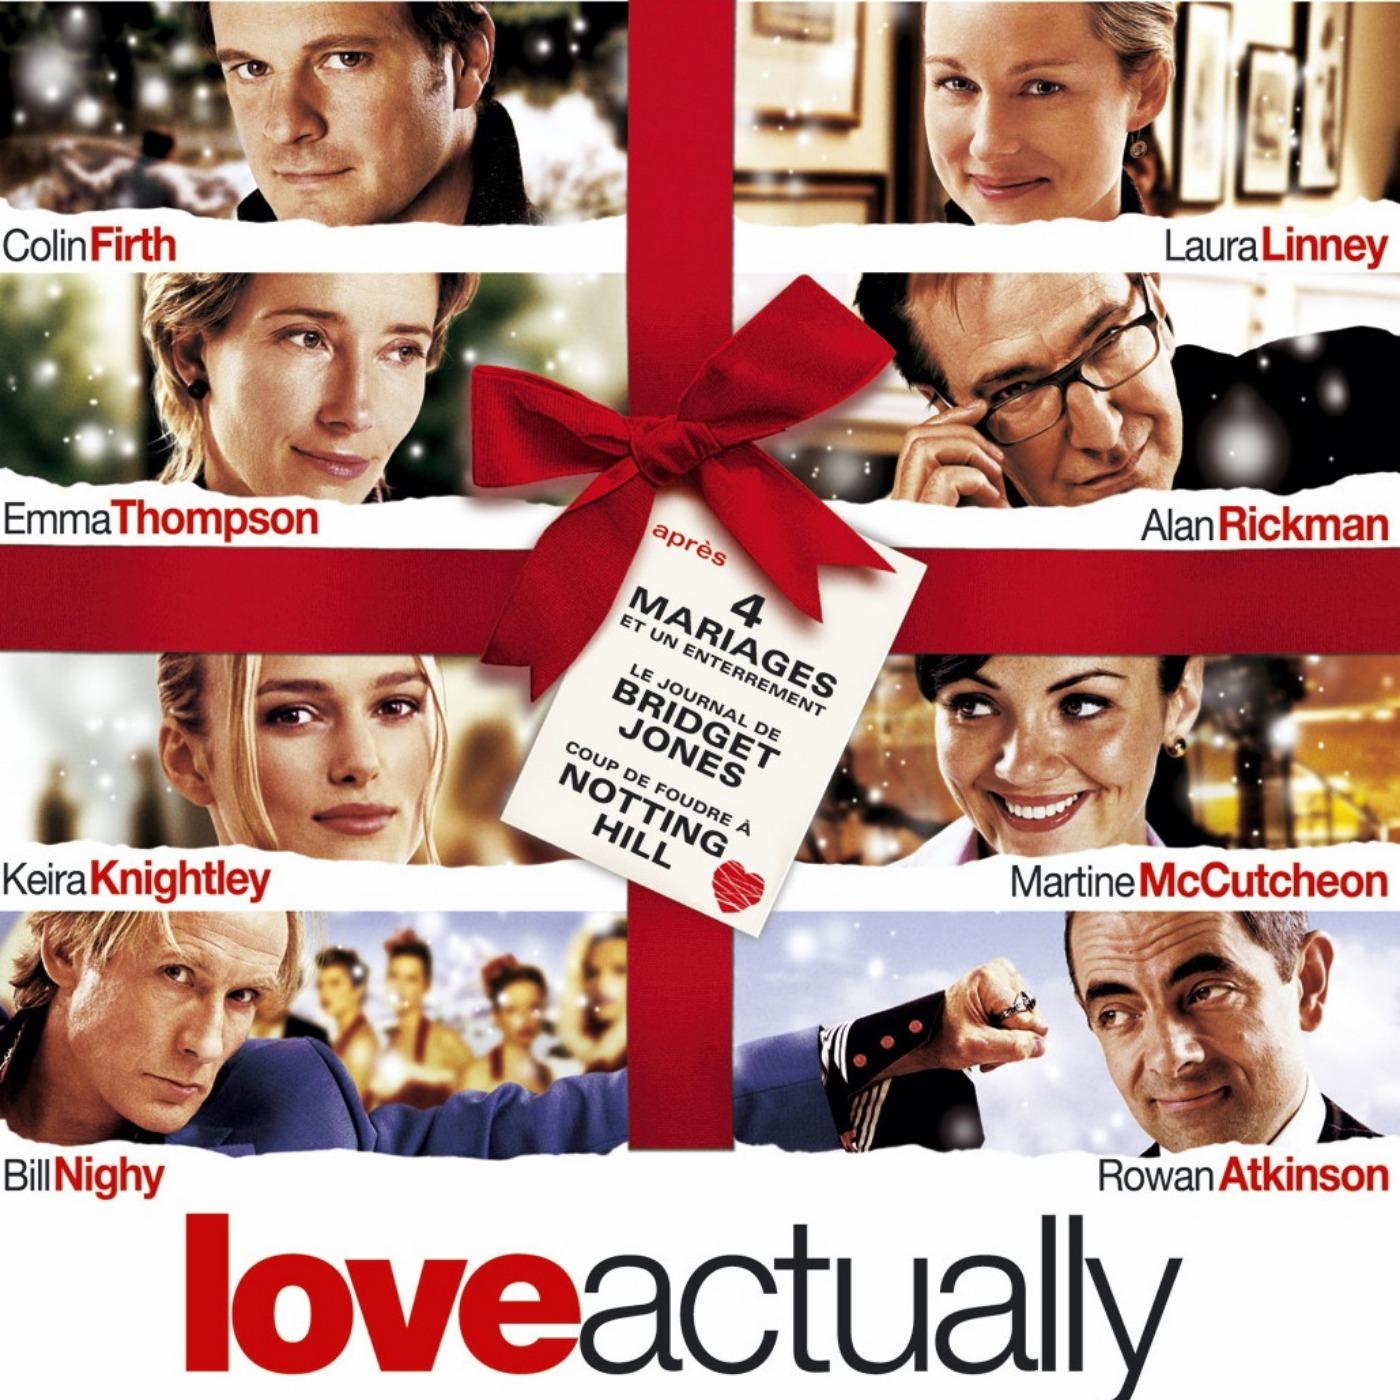 CinéRires #27 Spécial Noël | Love actually